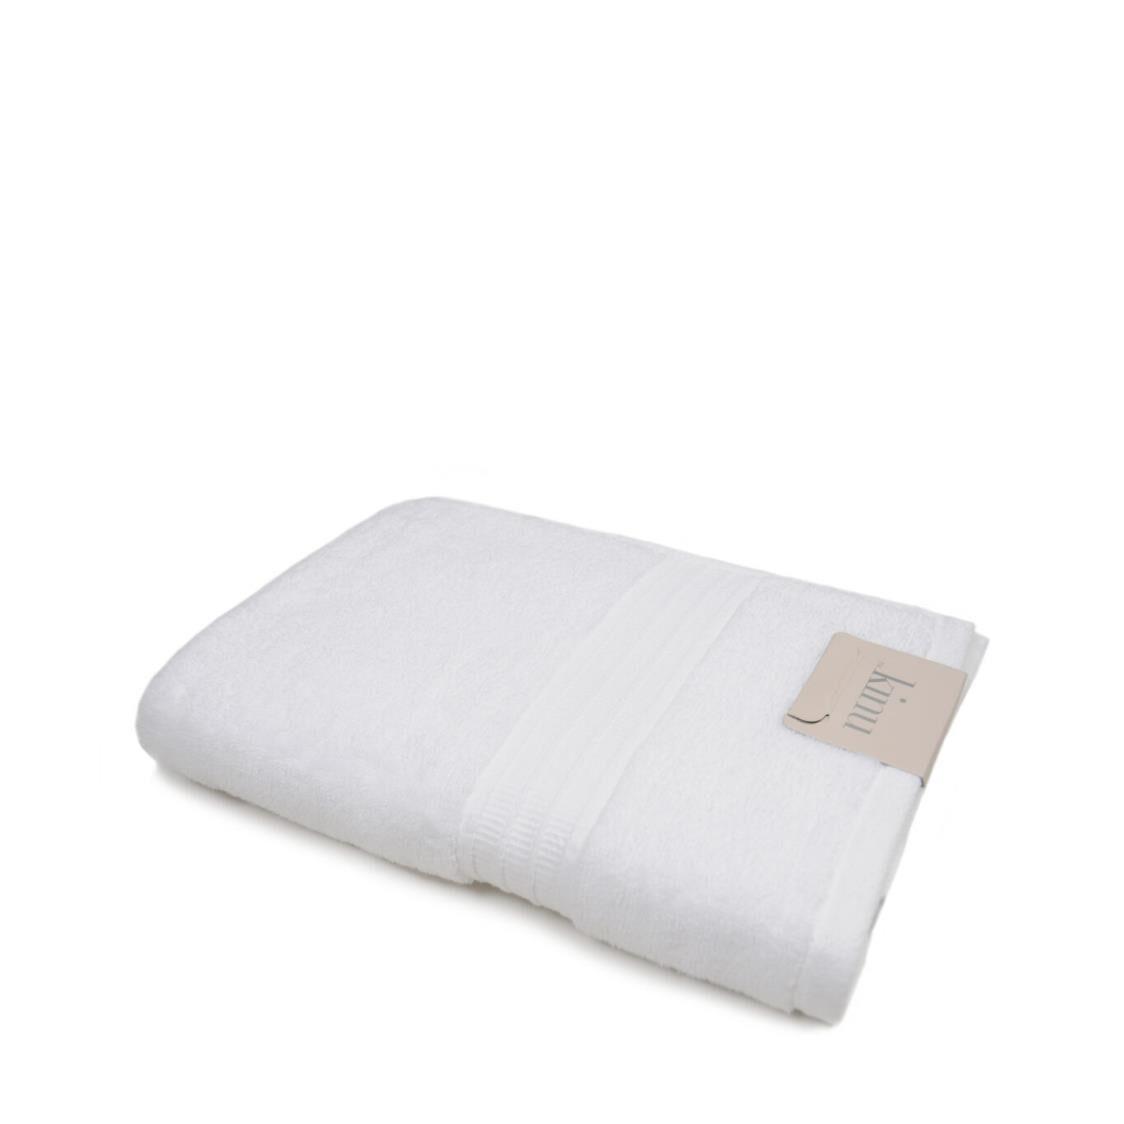 Kinu Down Bath Towel White